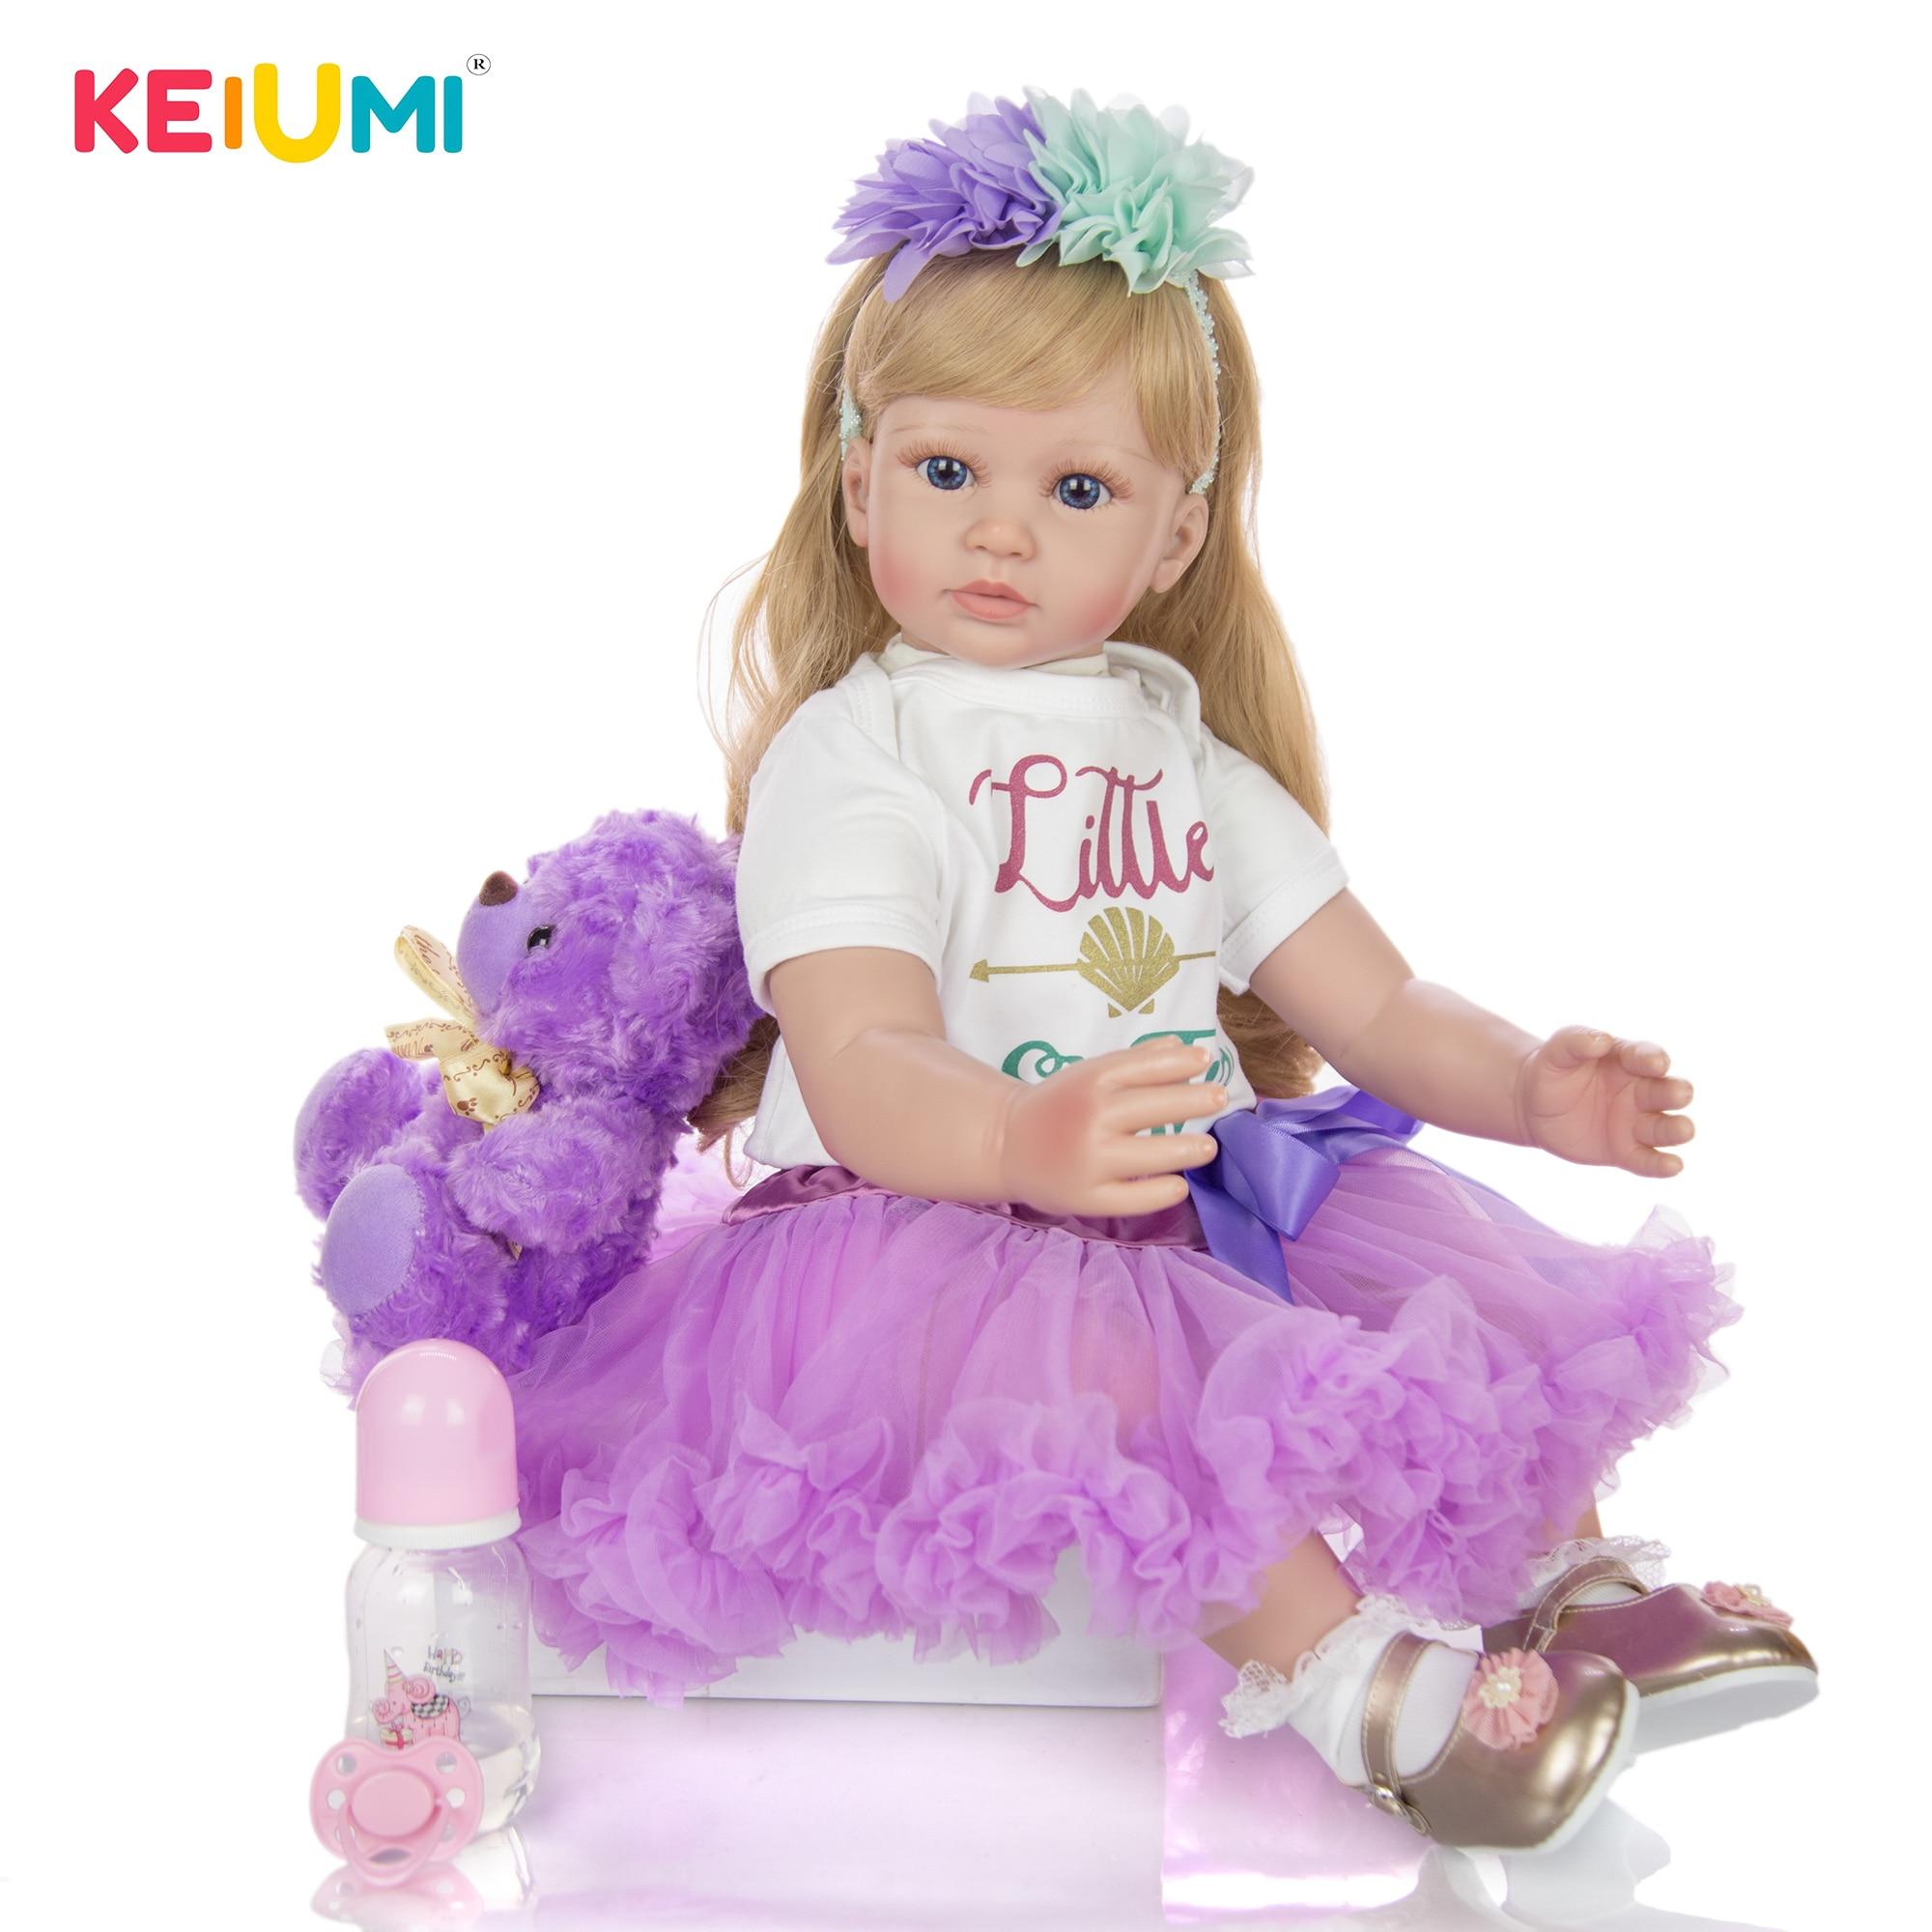 KEIUMI nouveau fantaisie bricolage or boucles renaître bébé poupée 60 cm réaliste princesse tissu corps renaître Menina pour fille cadeau danniversaire